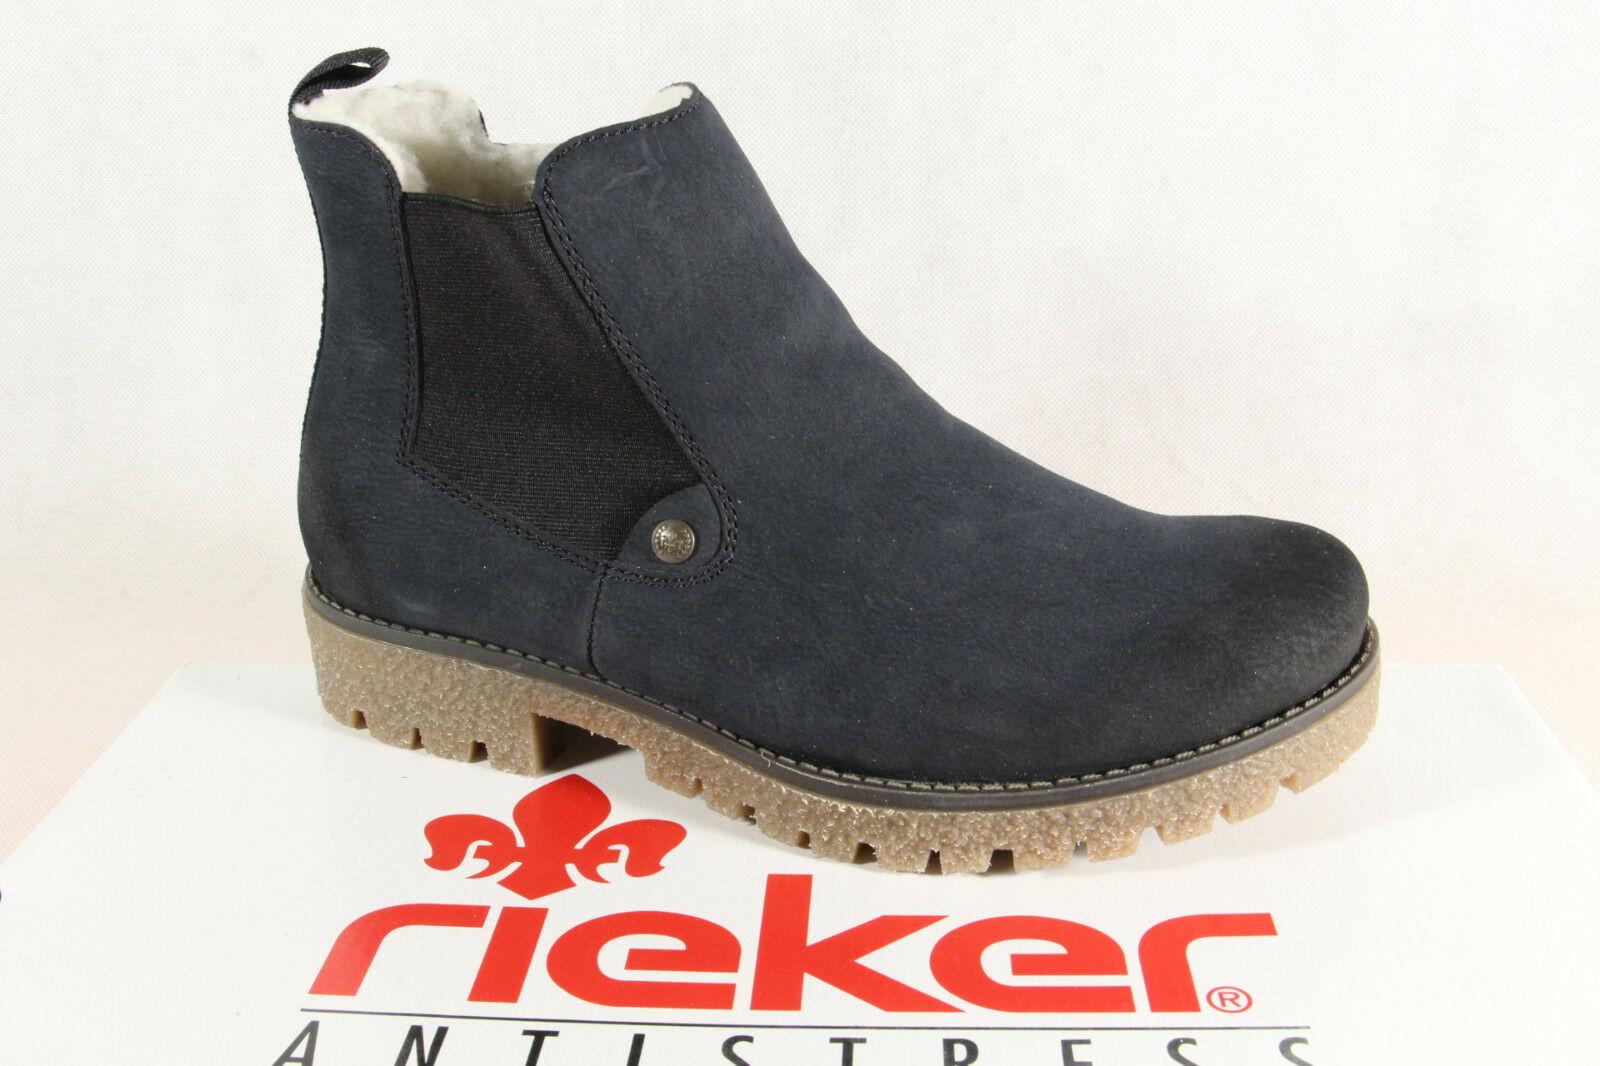 Rieker Stiefel Stiefelette Stiefel, Winterstiefel blau 79884 NEU